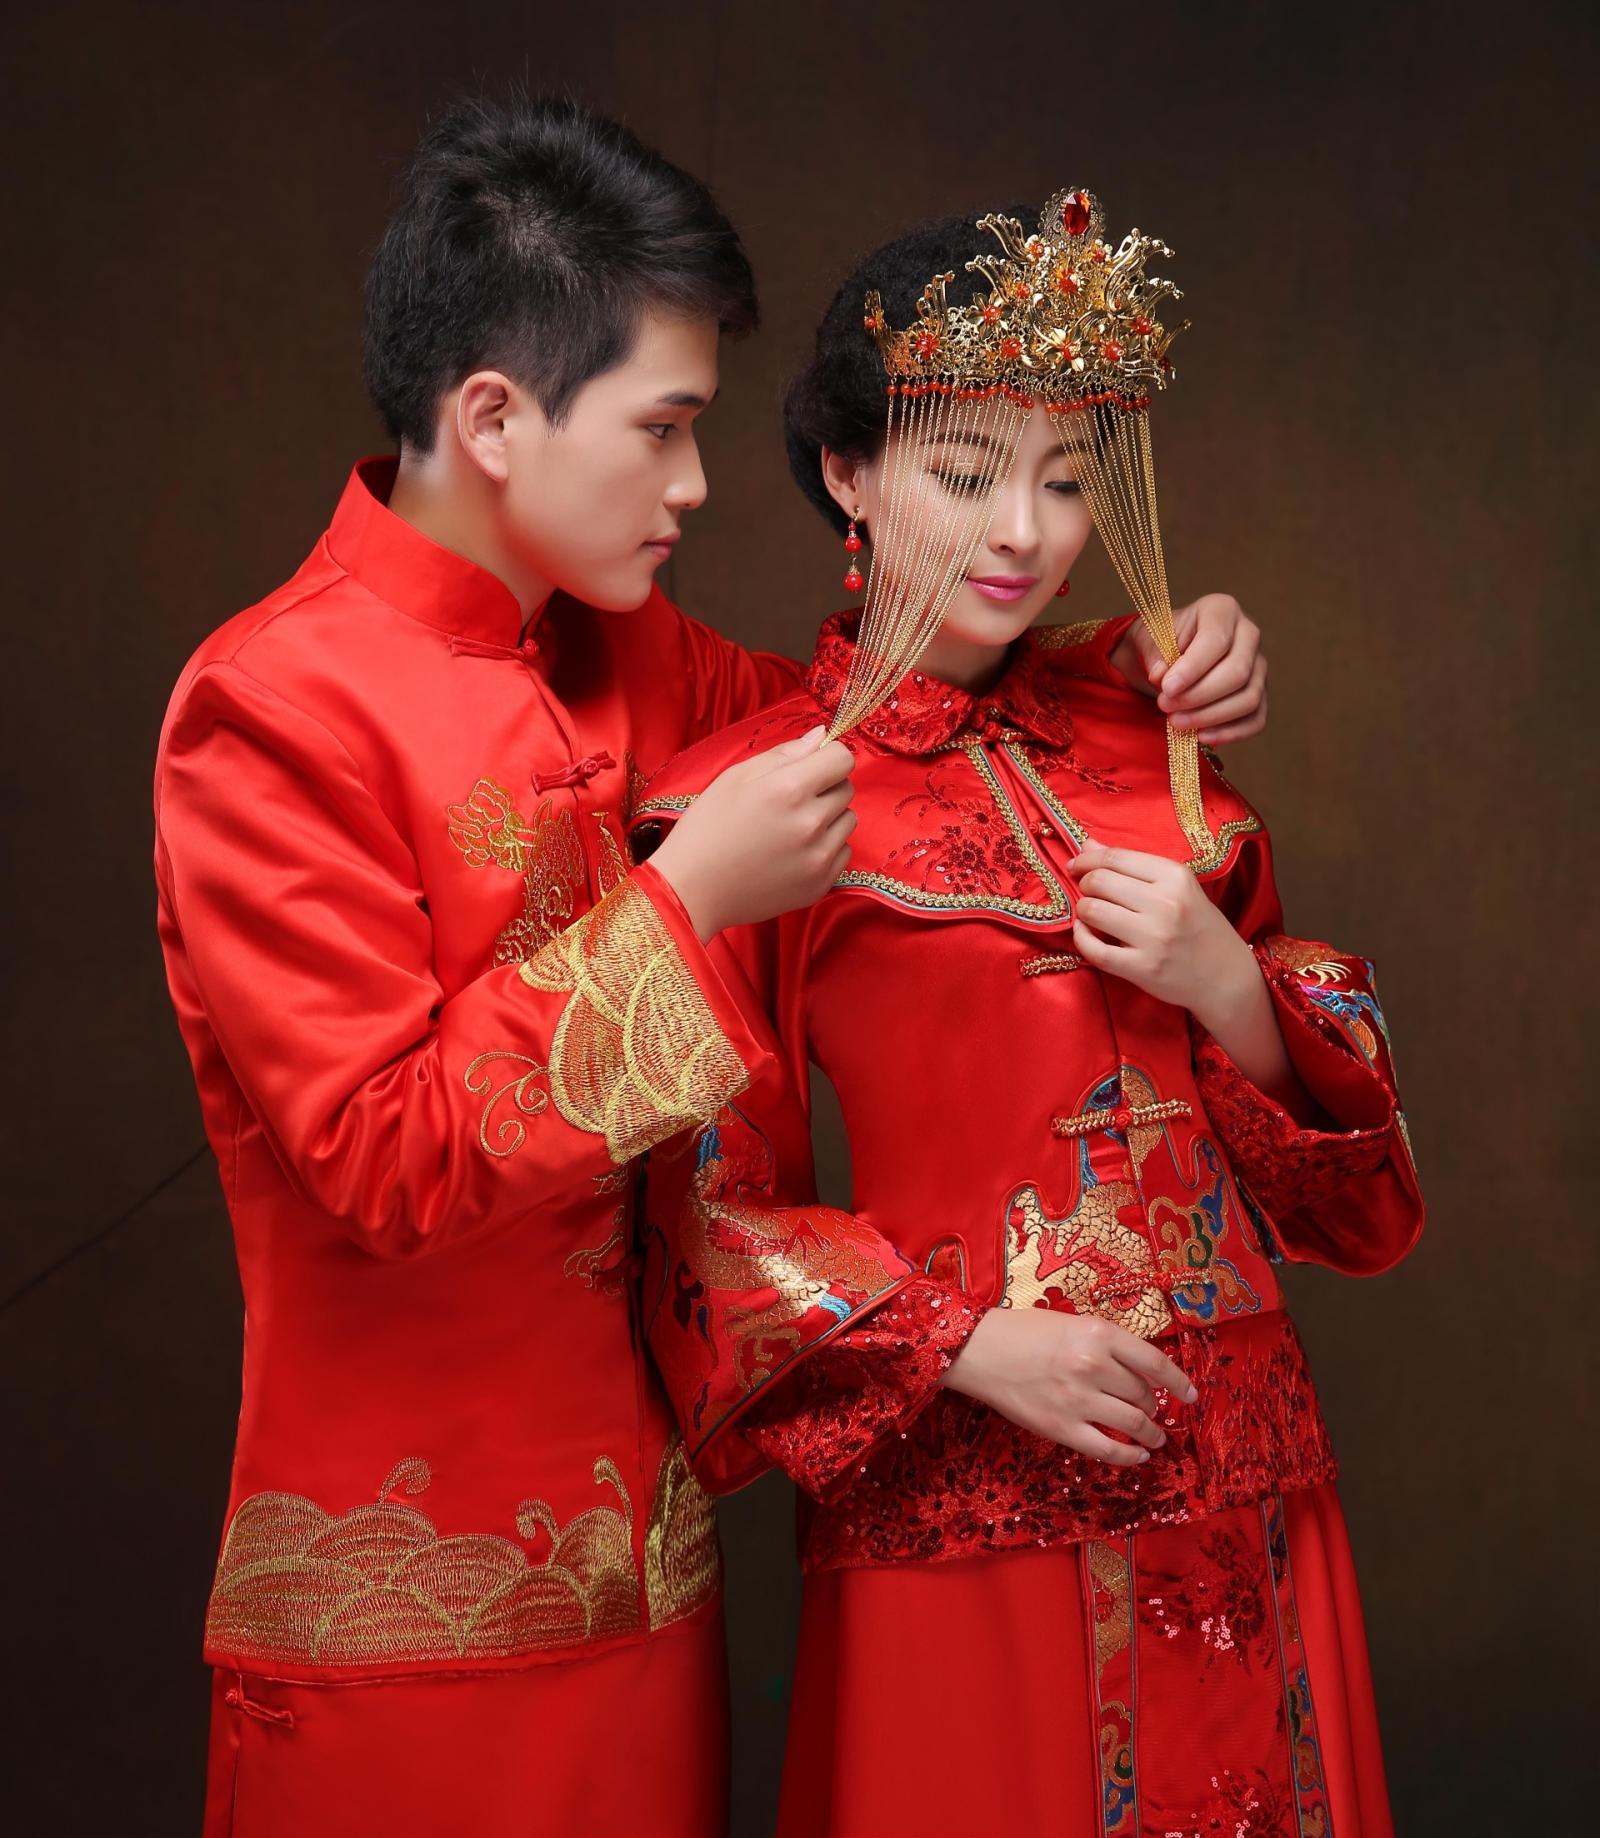 男女红色中式结婚喜服龙凤褂秀禾和服新郎新娘敬酒服结婚礼服唐装图片